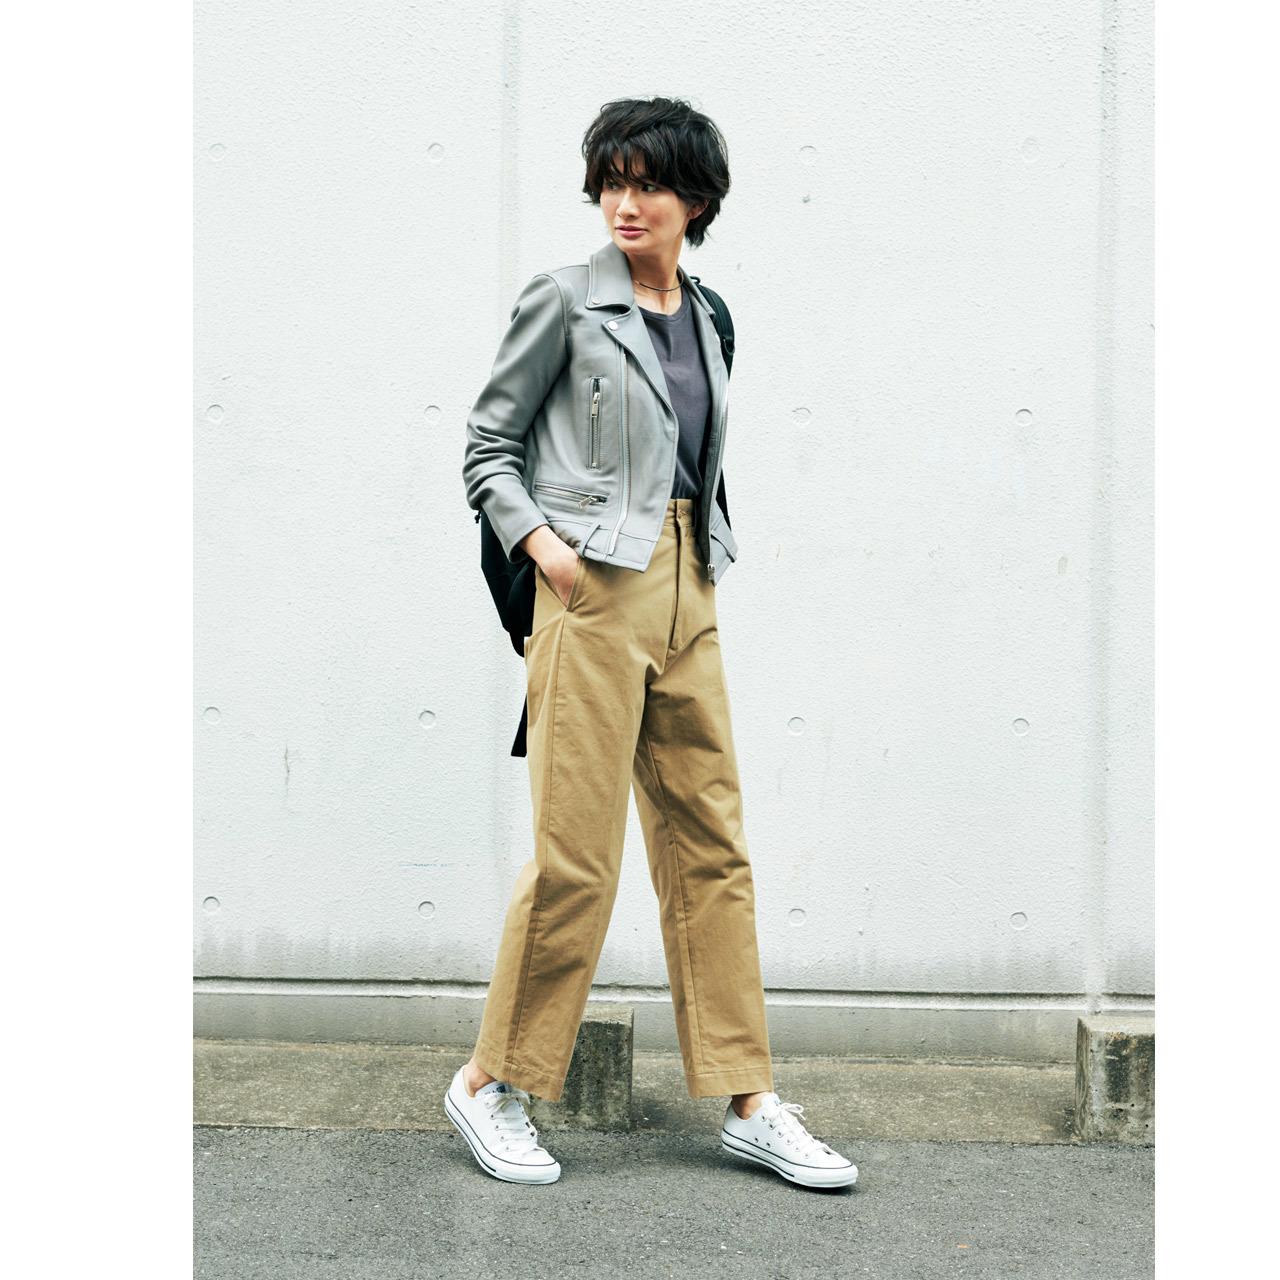 ベージュチノパンツ×ライダースジャケットのファッションコーデ